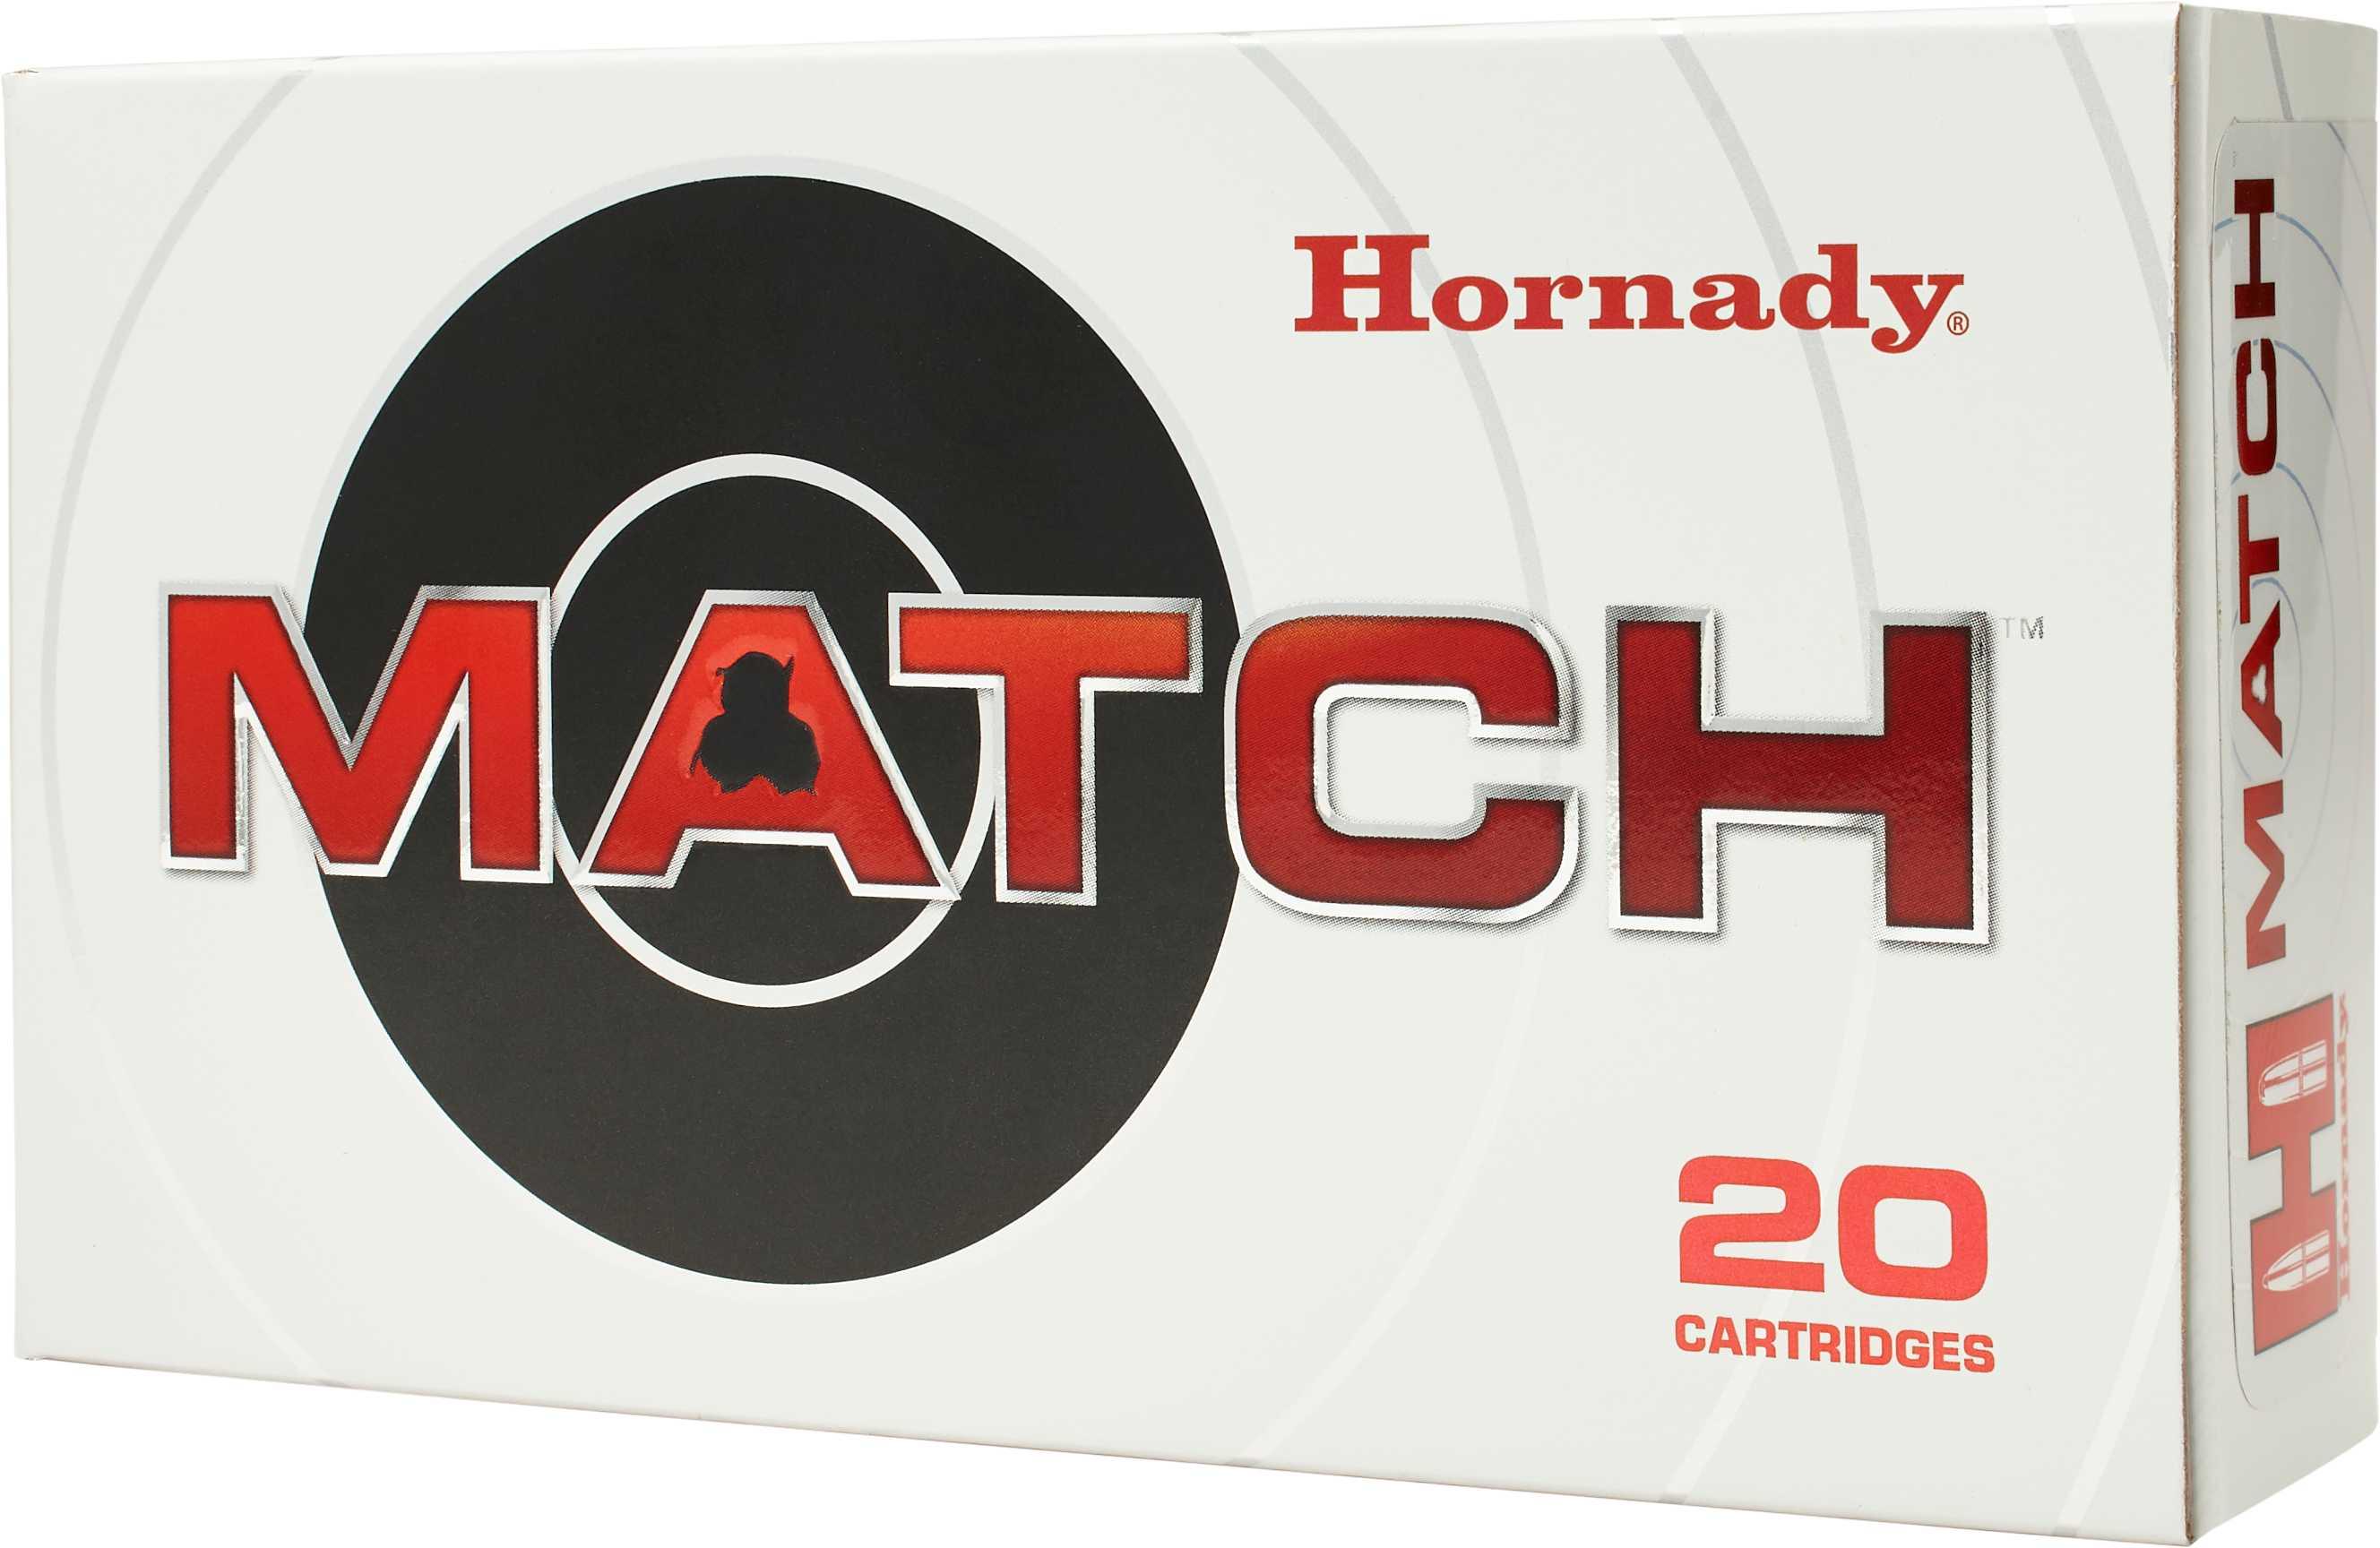 Hornady 6mm Creedmoor Match Ammunition, 108 Grains, ELD Match, Per 20 Md: 81391